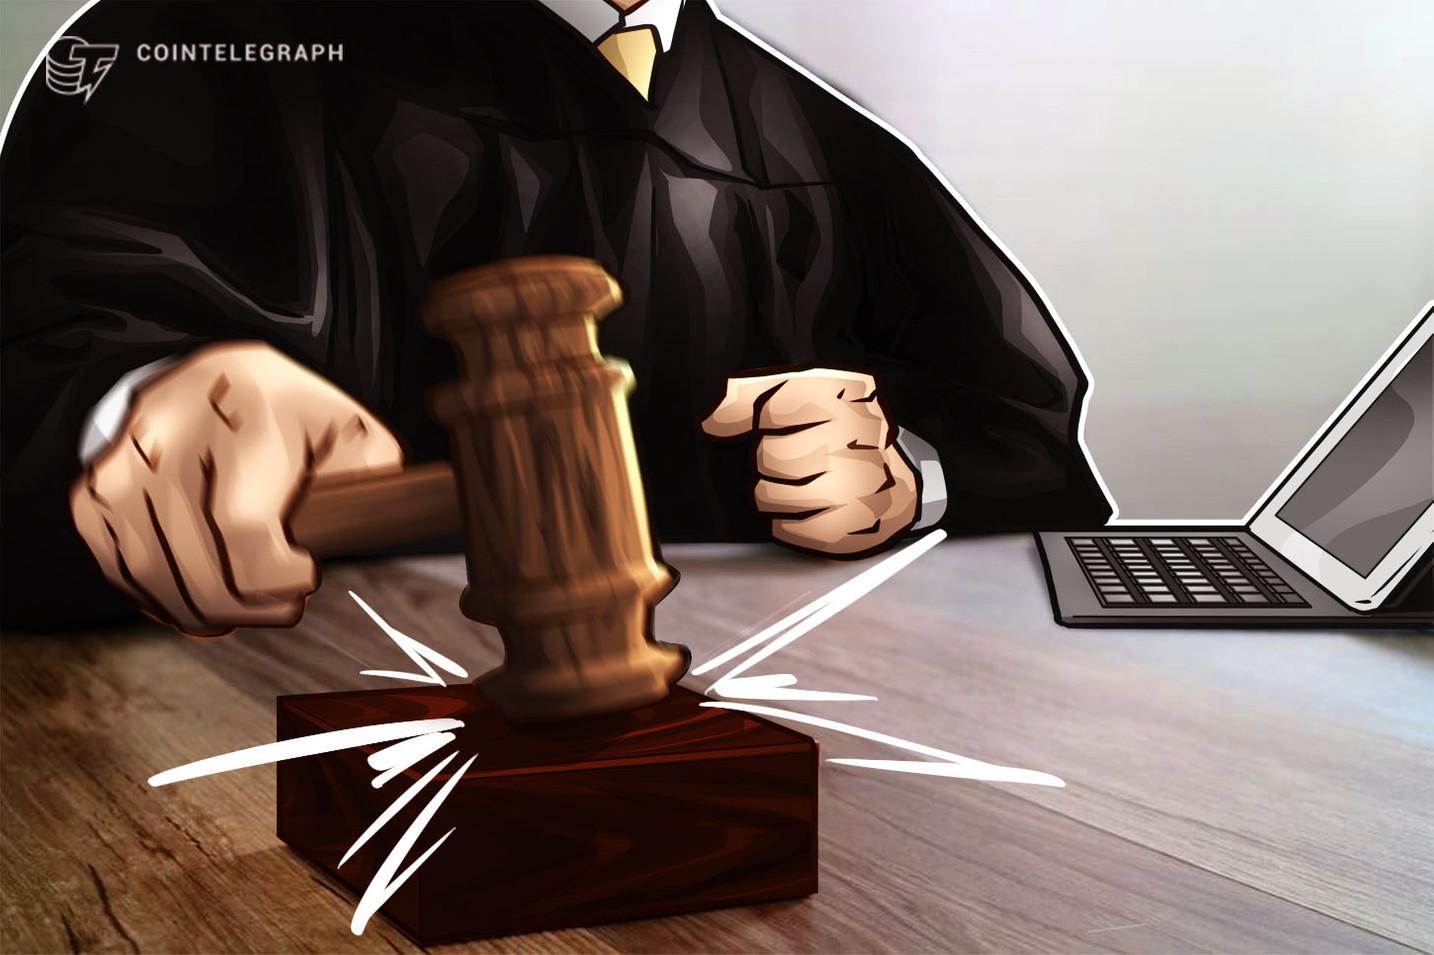 القاضي يمضي قدمًا في الدعوى الجماعية المتعلقة بالأوراق المالية ضد منشئي توكن تيزوس